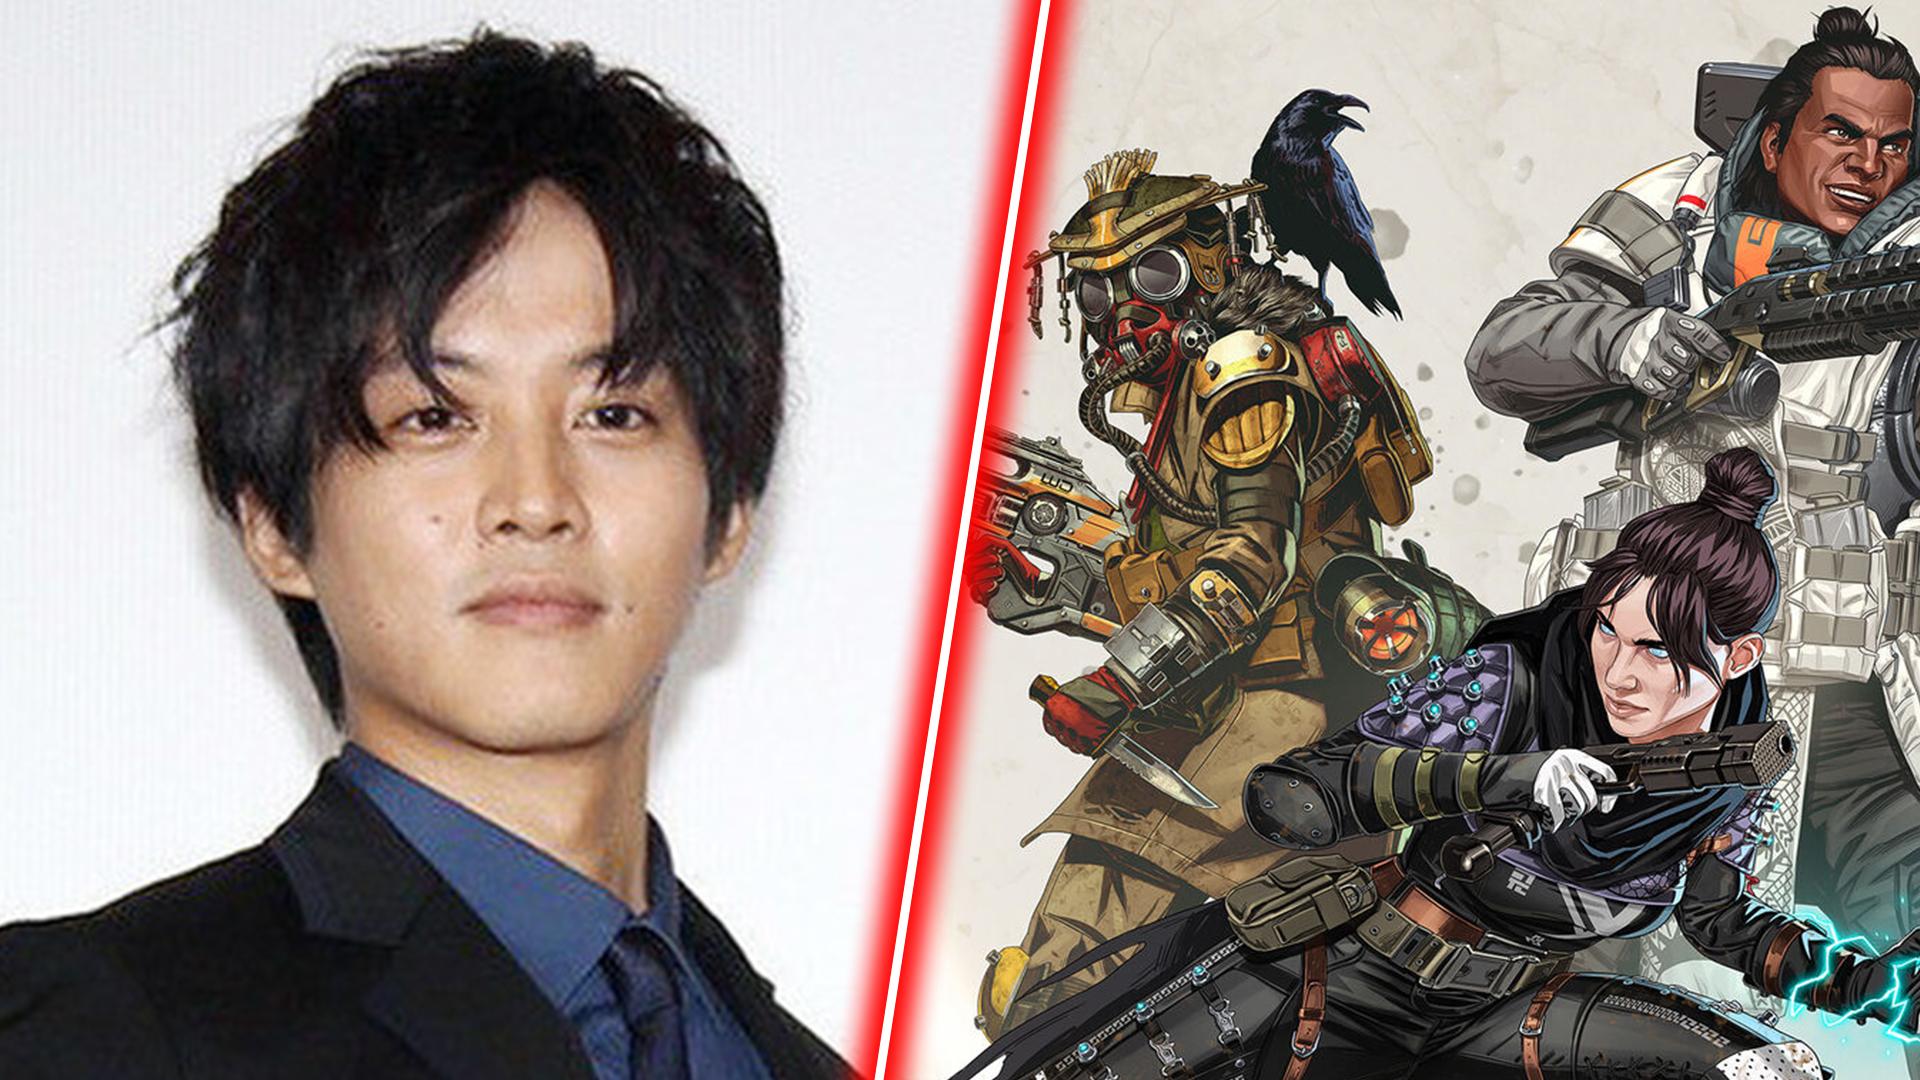 【悲報】俳優「松坂桃李」さん、ソロでエーペックスを遊ぶも野良チームメイトにVCで怒られてしまう・・・